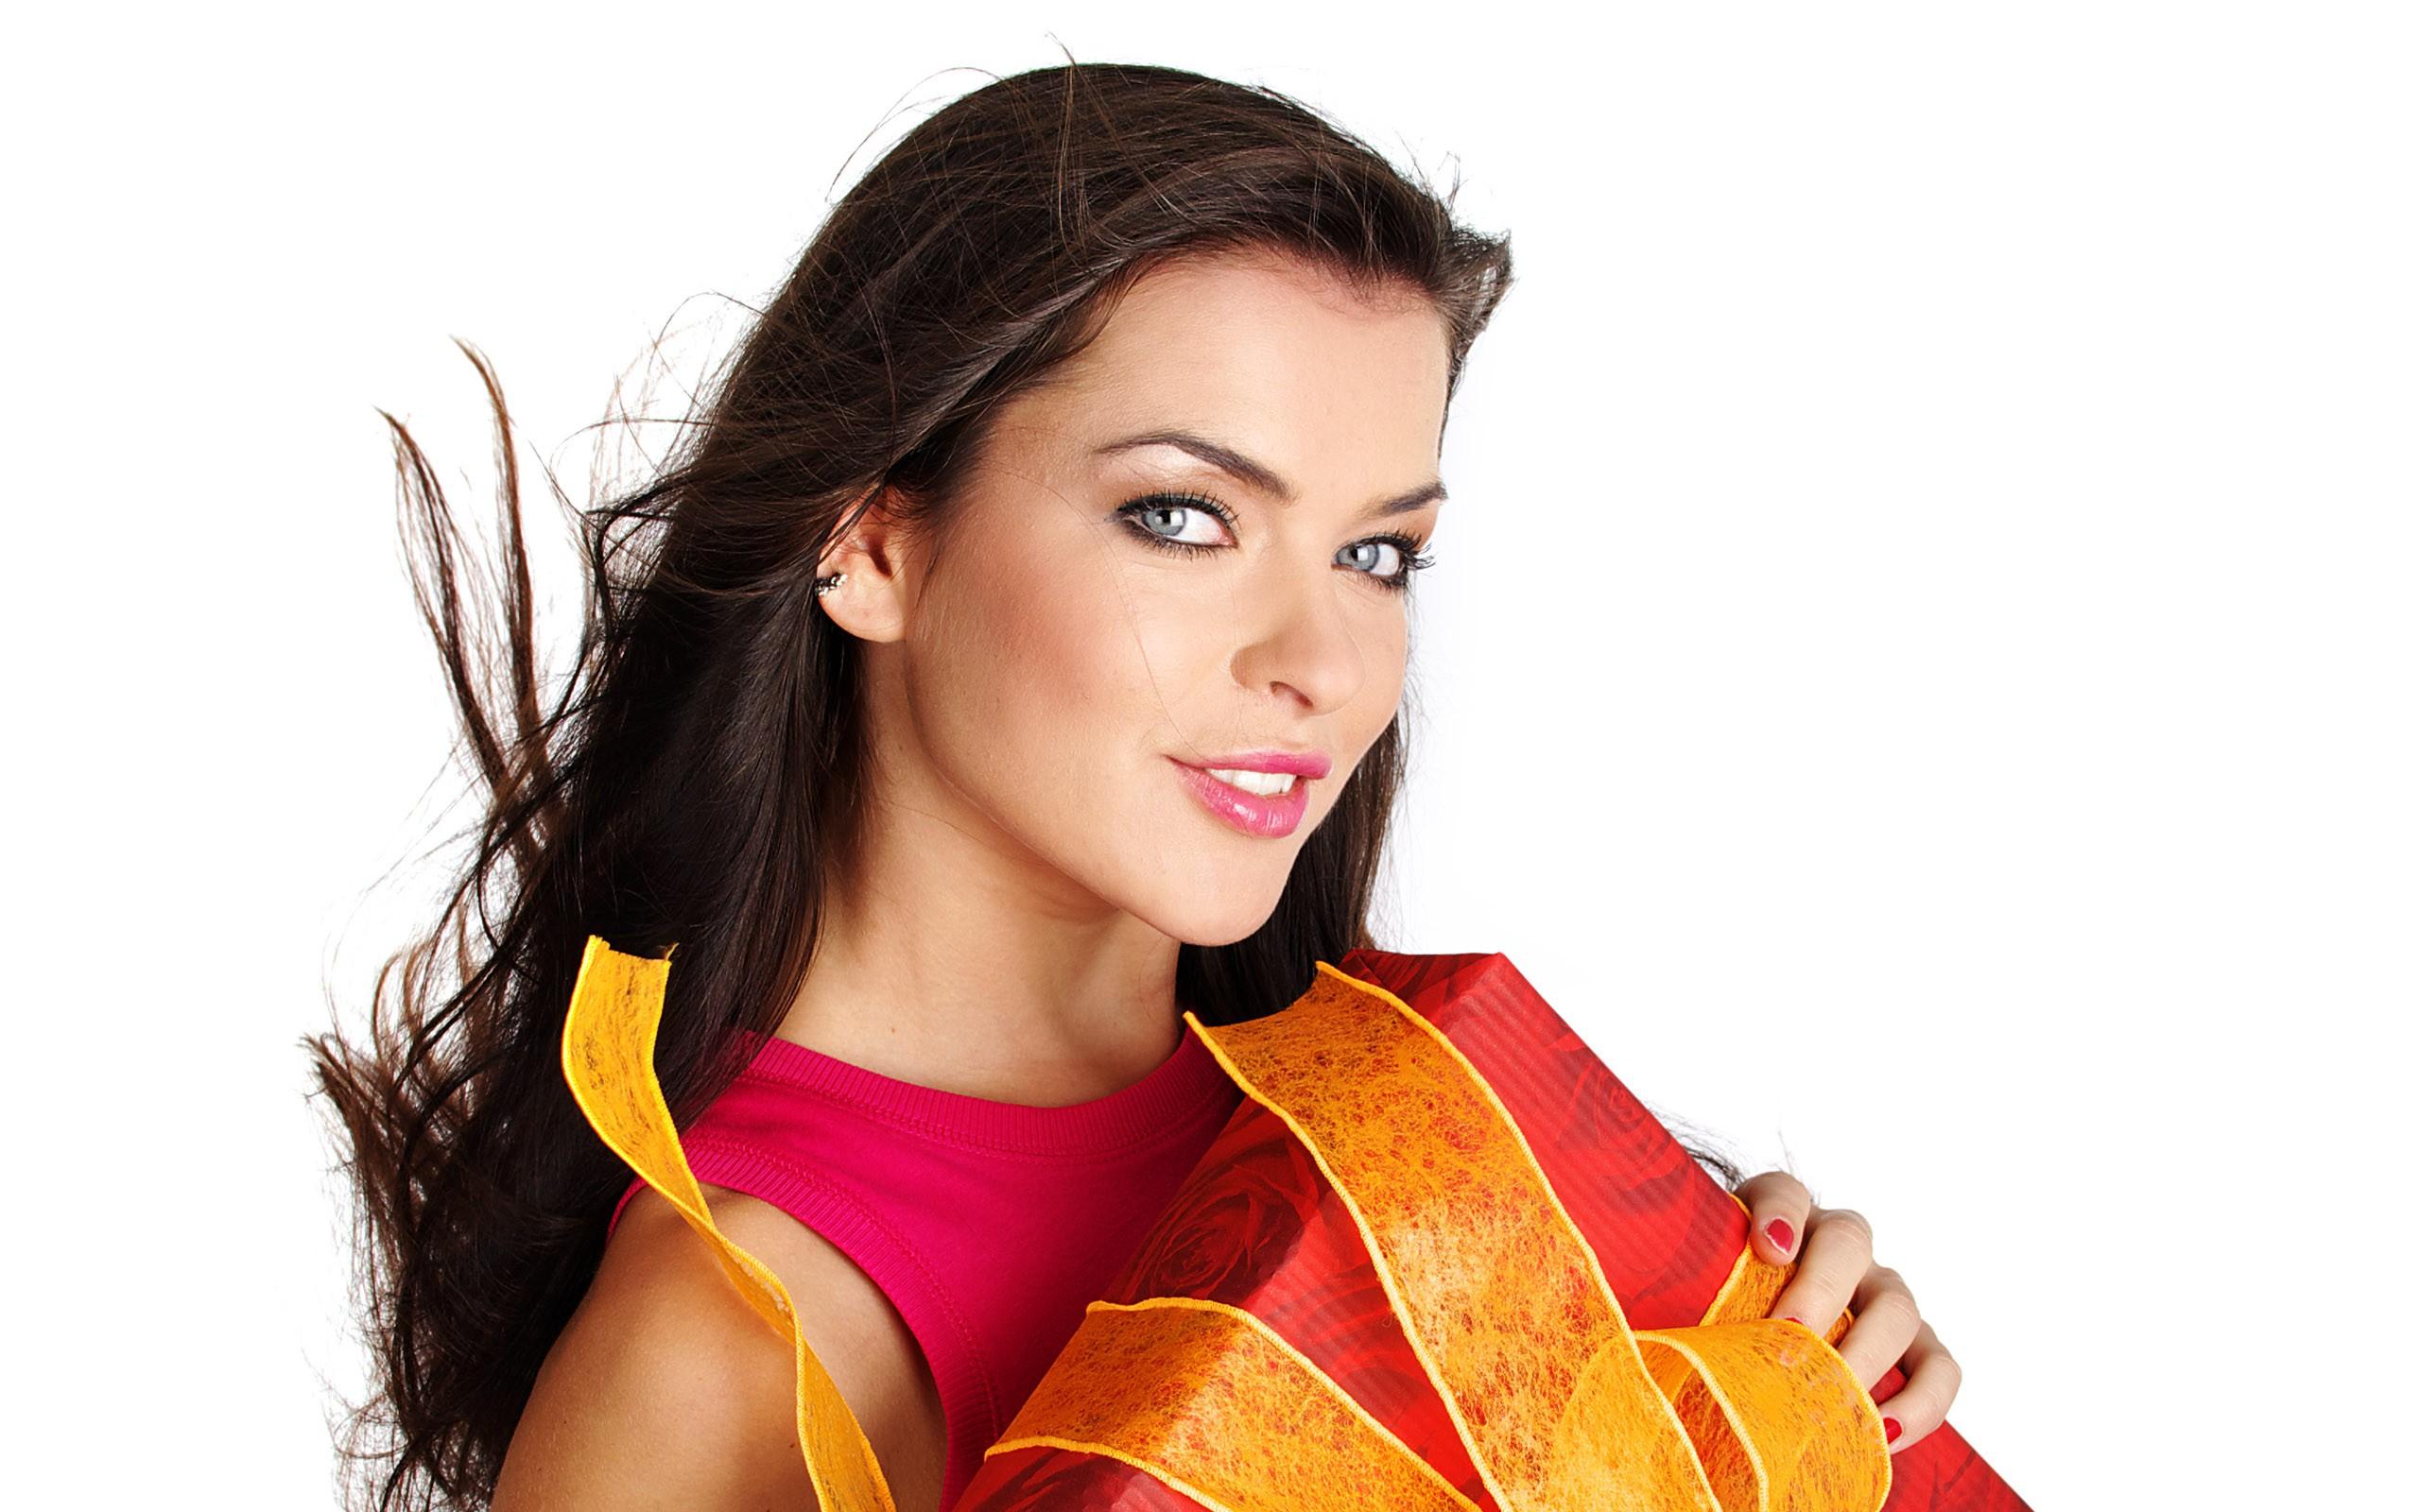 Rostros de chicas hermosas taringa for Foto beautiful